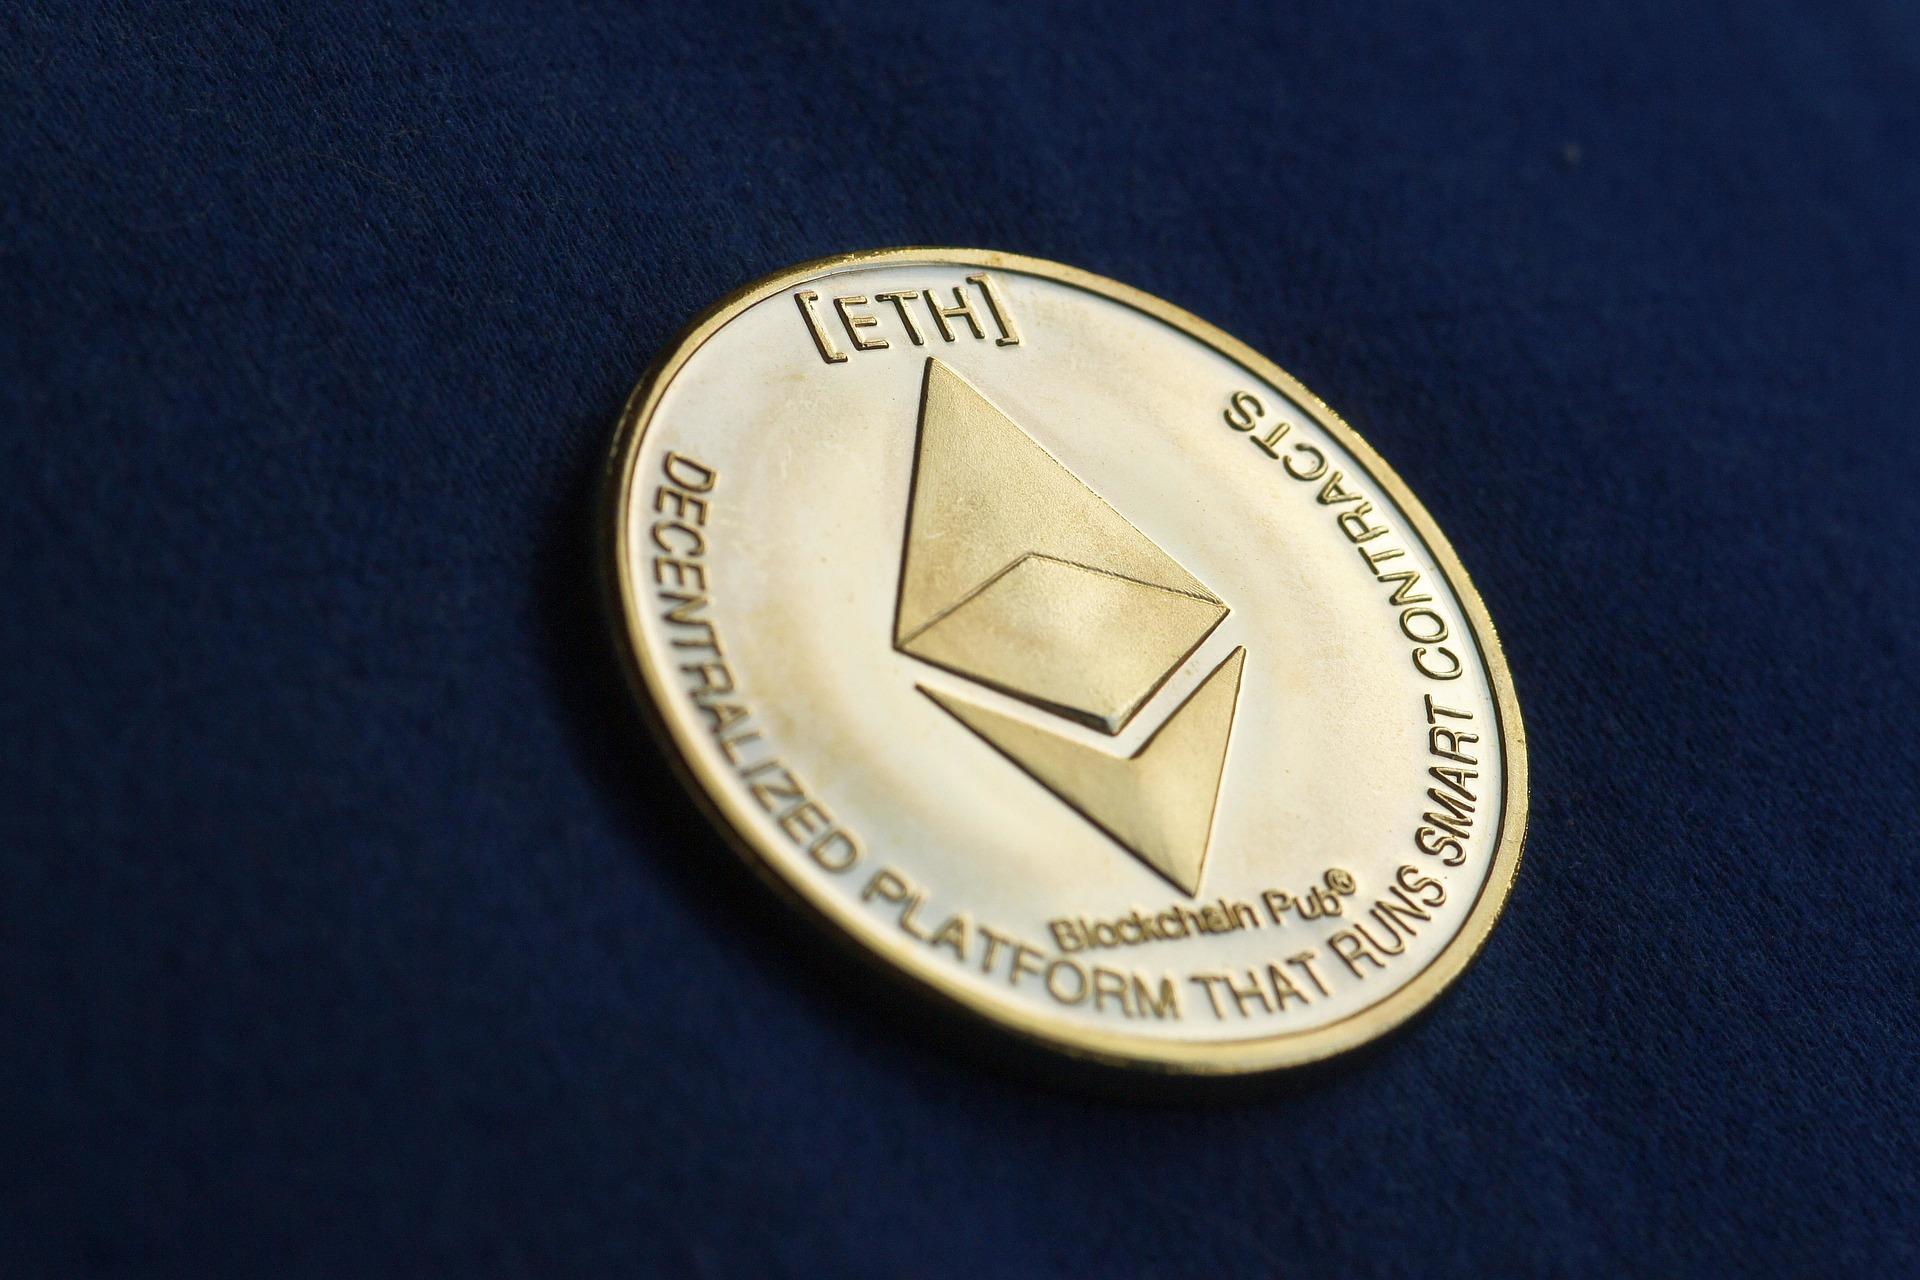 Futuros de Ethereum consiguen un volumen total de 30 millones de dólares en su inauguración en el CME